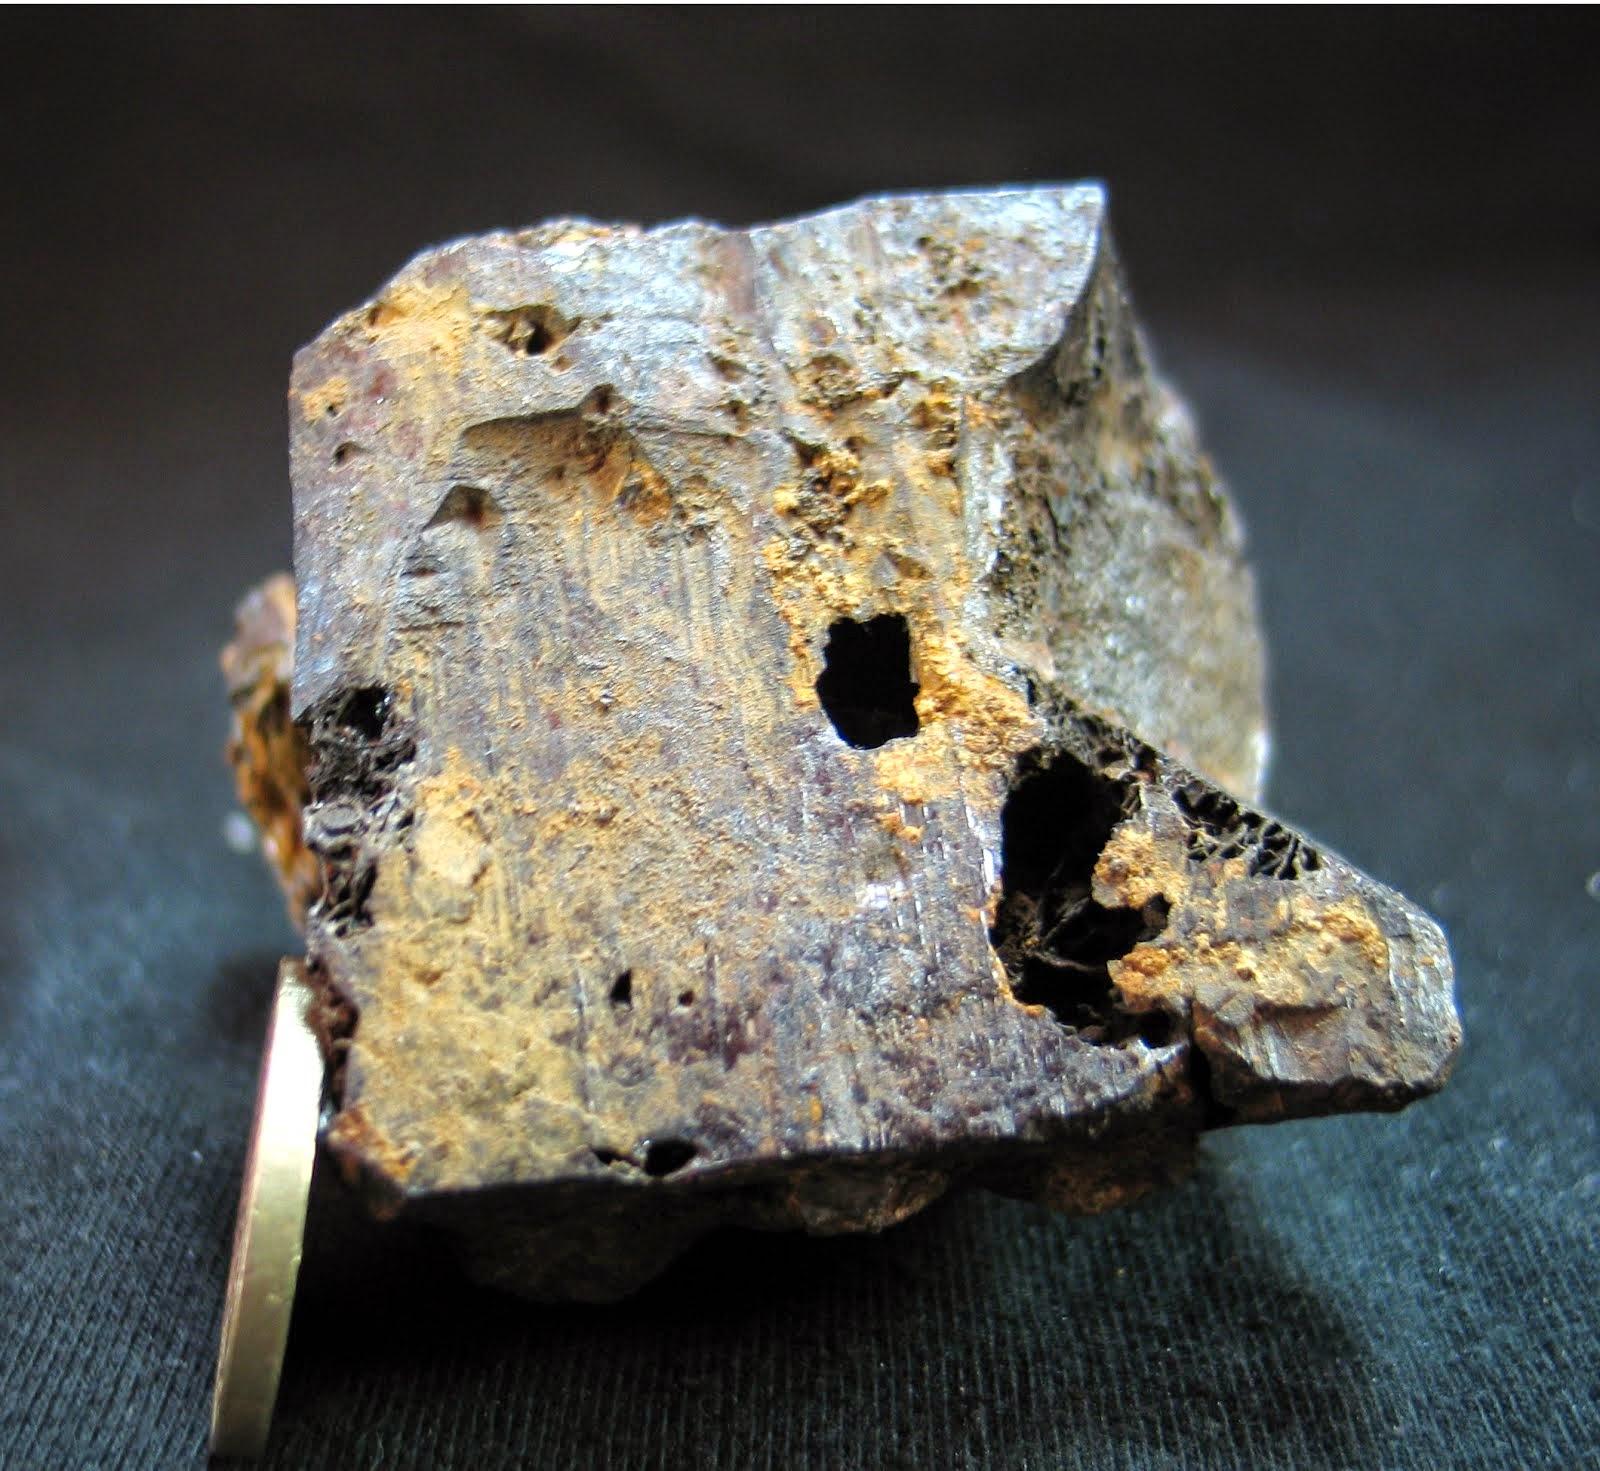 Hematites